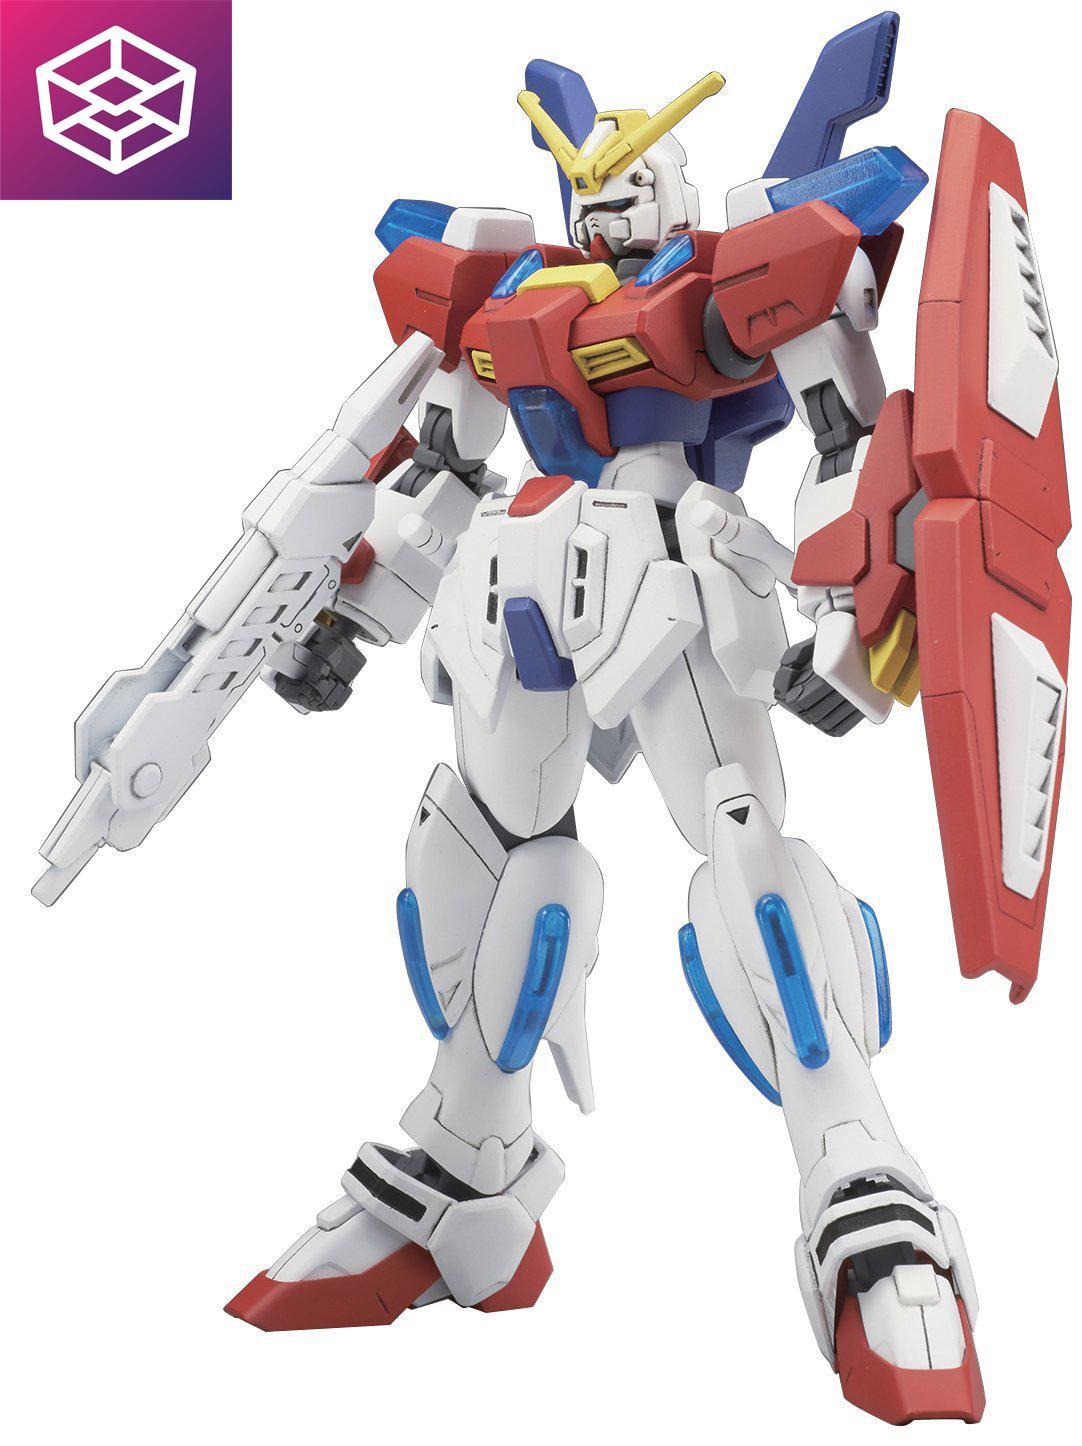 Hình ảnh Mô Hình Lắp Ráp Gundam Bandai HG BF 058 Star Burning Gundam [Bandai-HG]